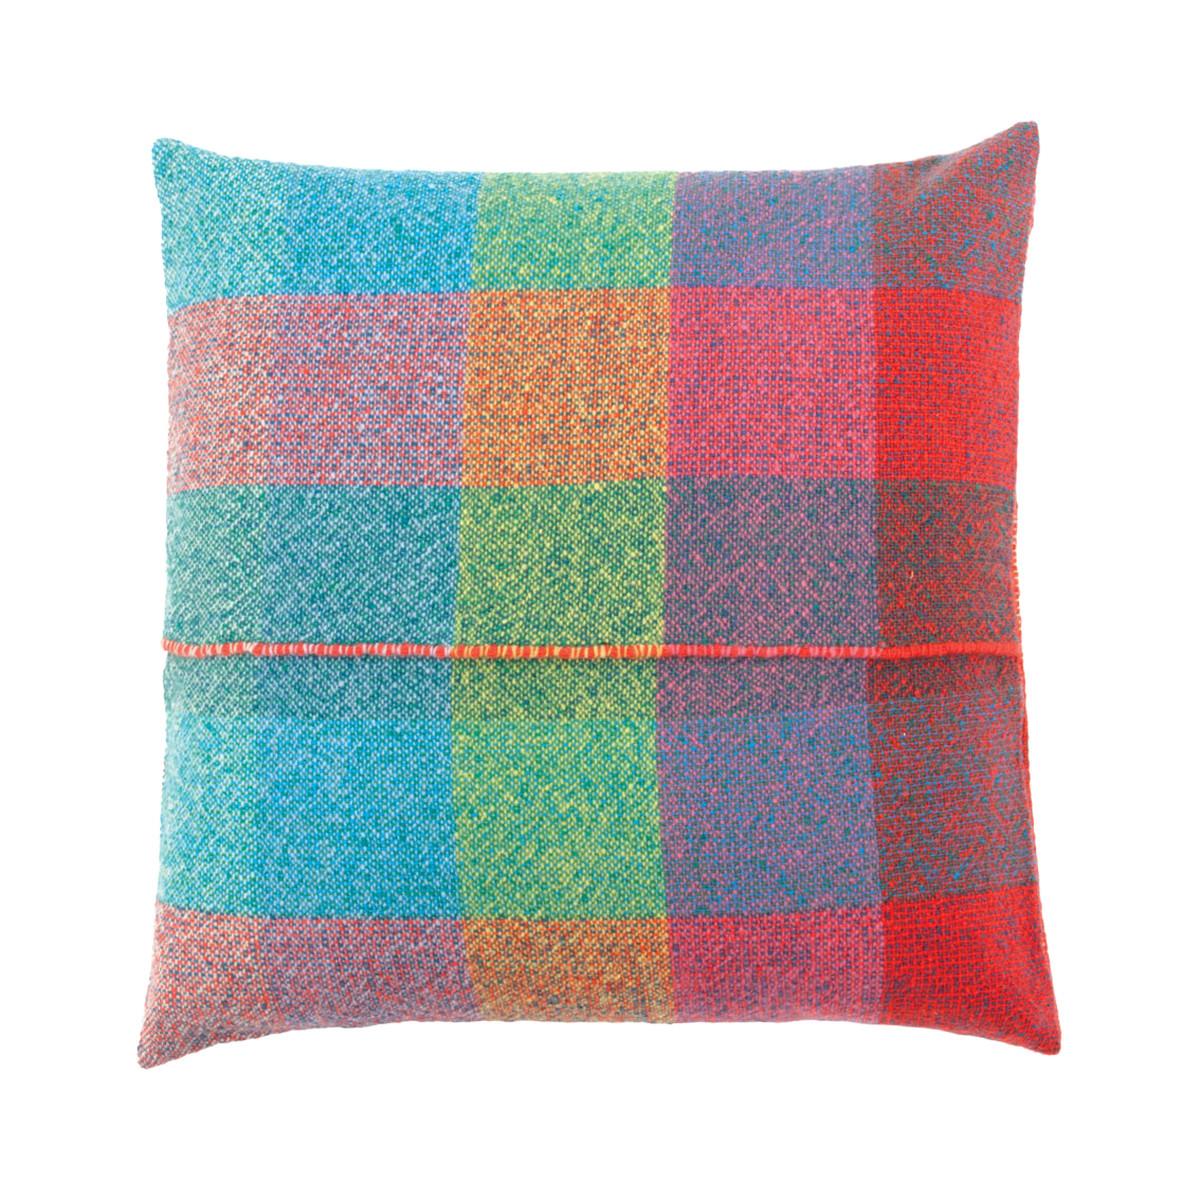 zuzunaga kissen square 50 x 50 cm mehrfarbig t 50 h 50 b 50 online kaufen bei woonio. Black Bedroom Furniture Sets. Home Design Ideas